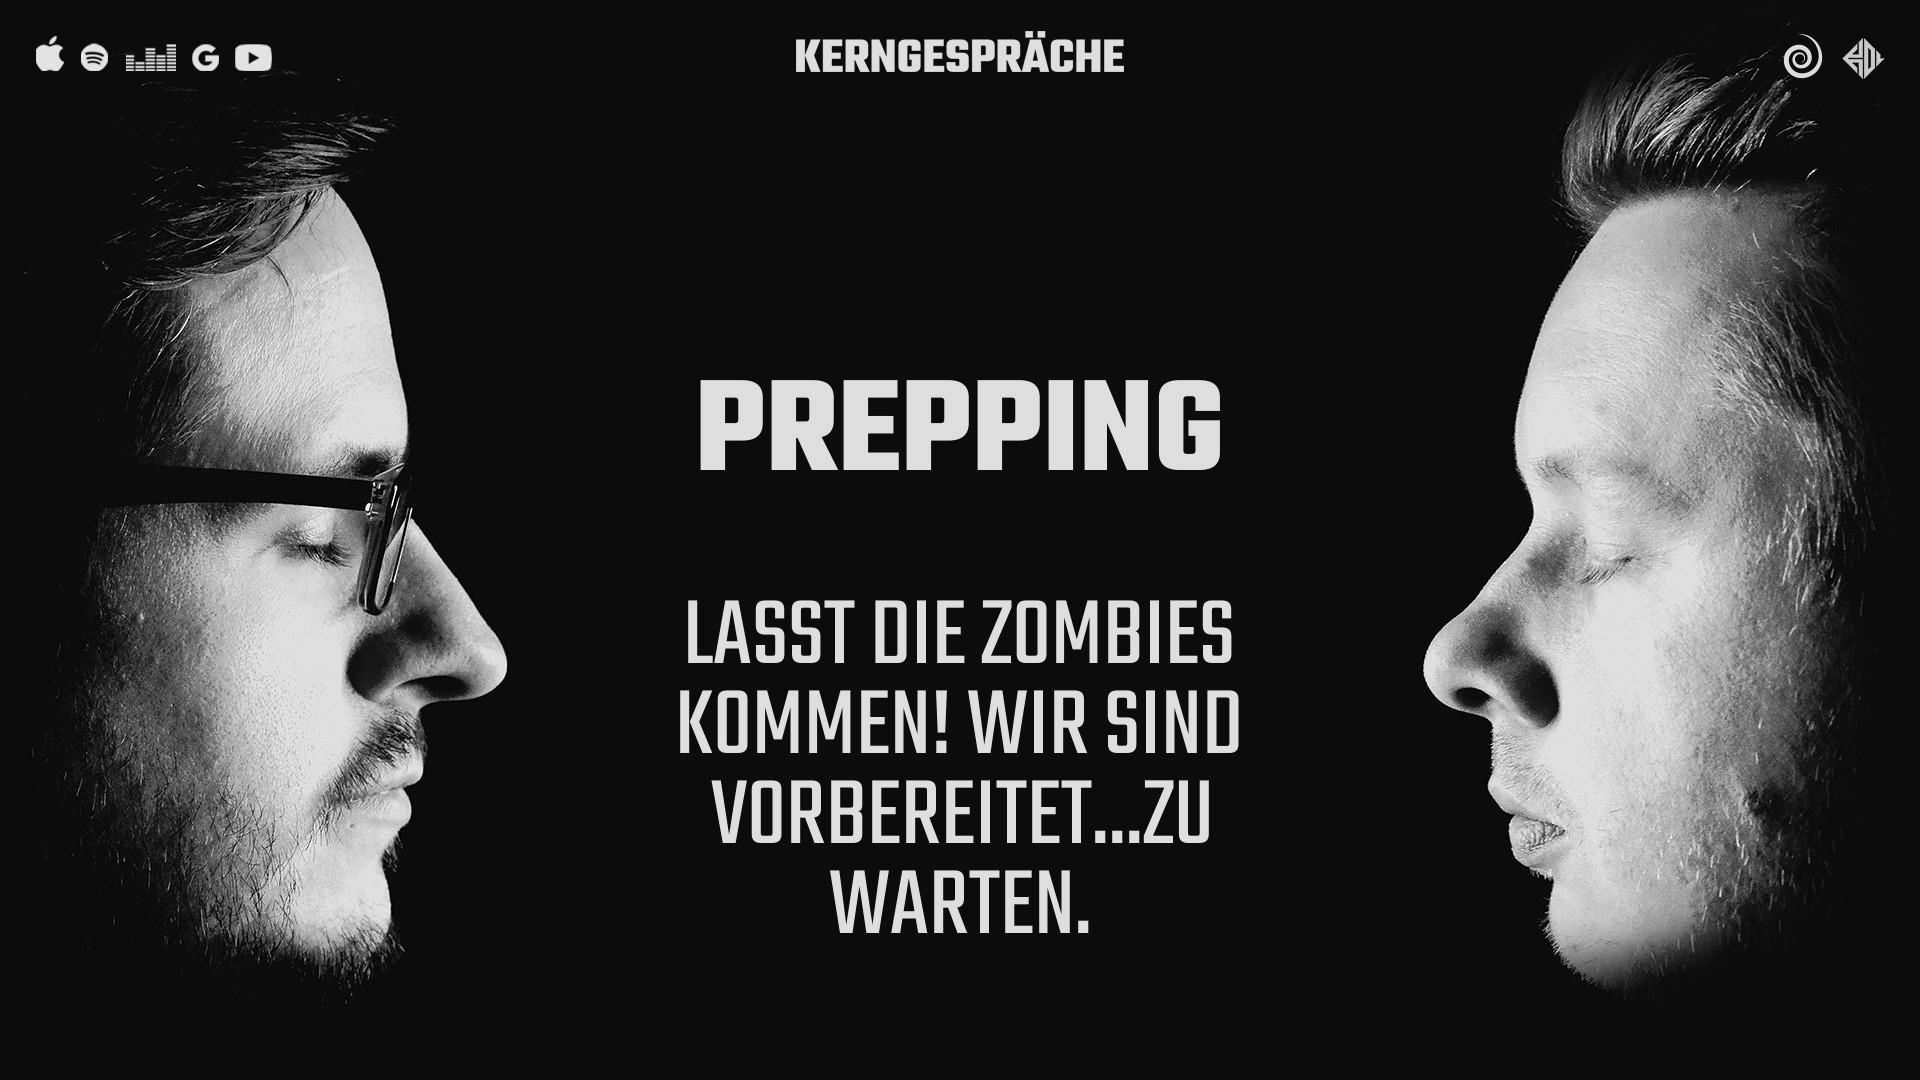 Prepping: Lasst die Zombies kommen! Wir sind vorbereitet...zu warten.